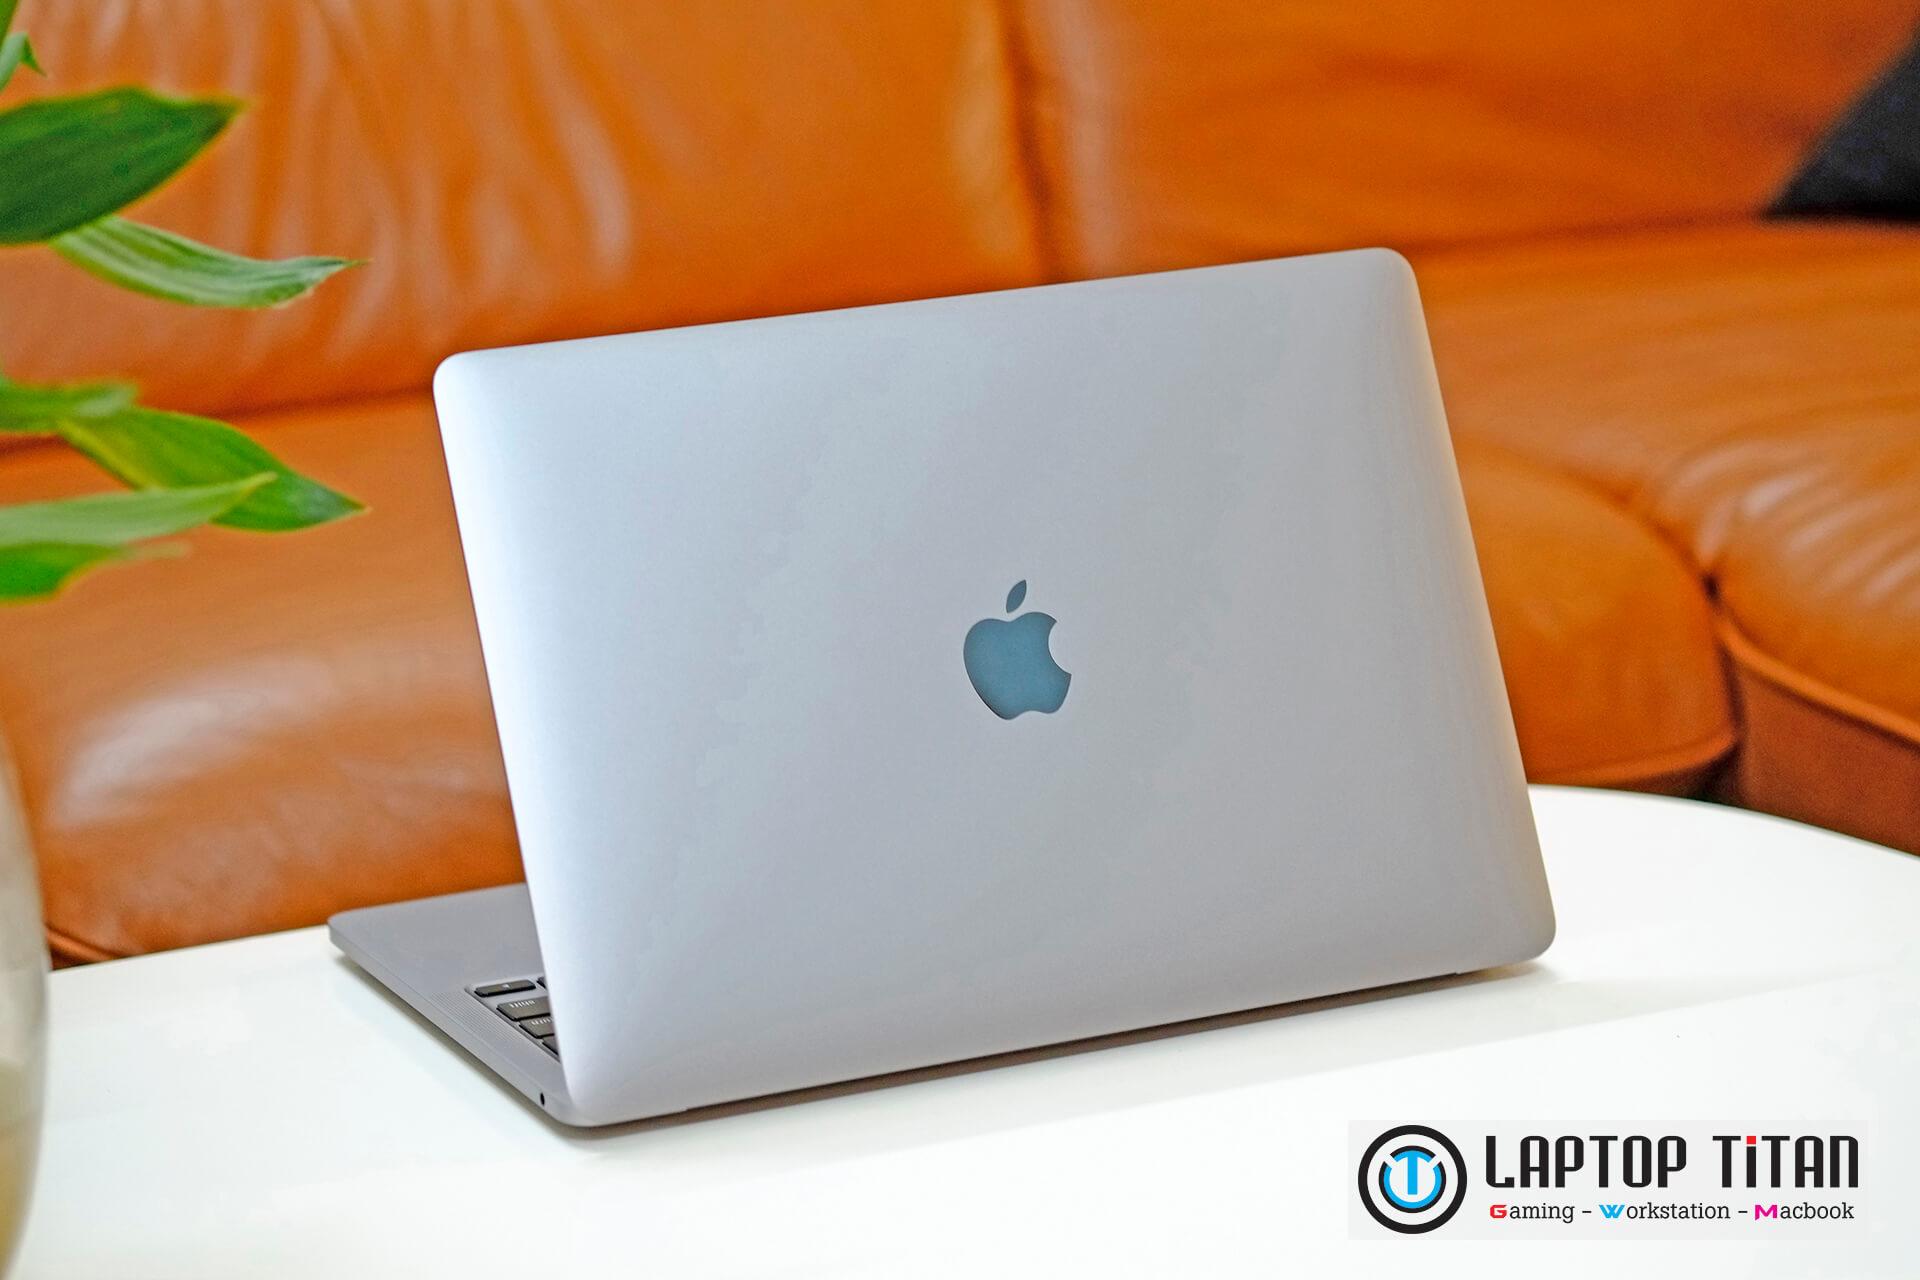 Macbook Pro M1 Laptoptitan 05